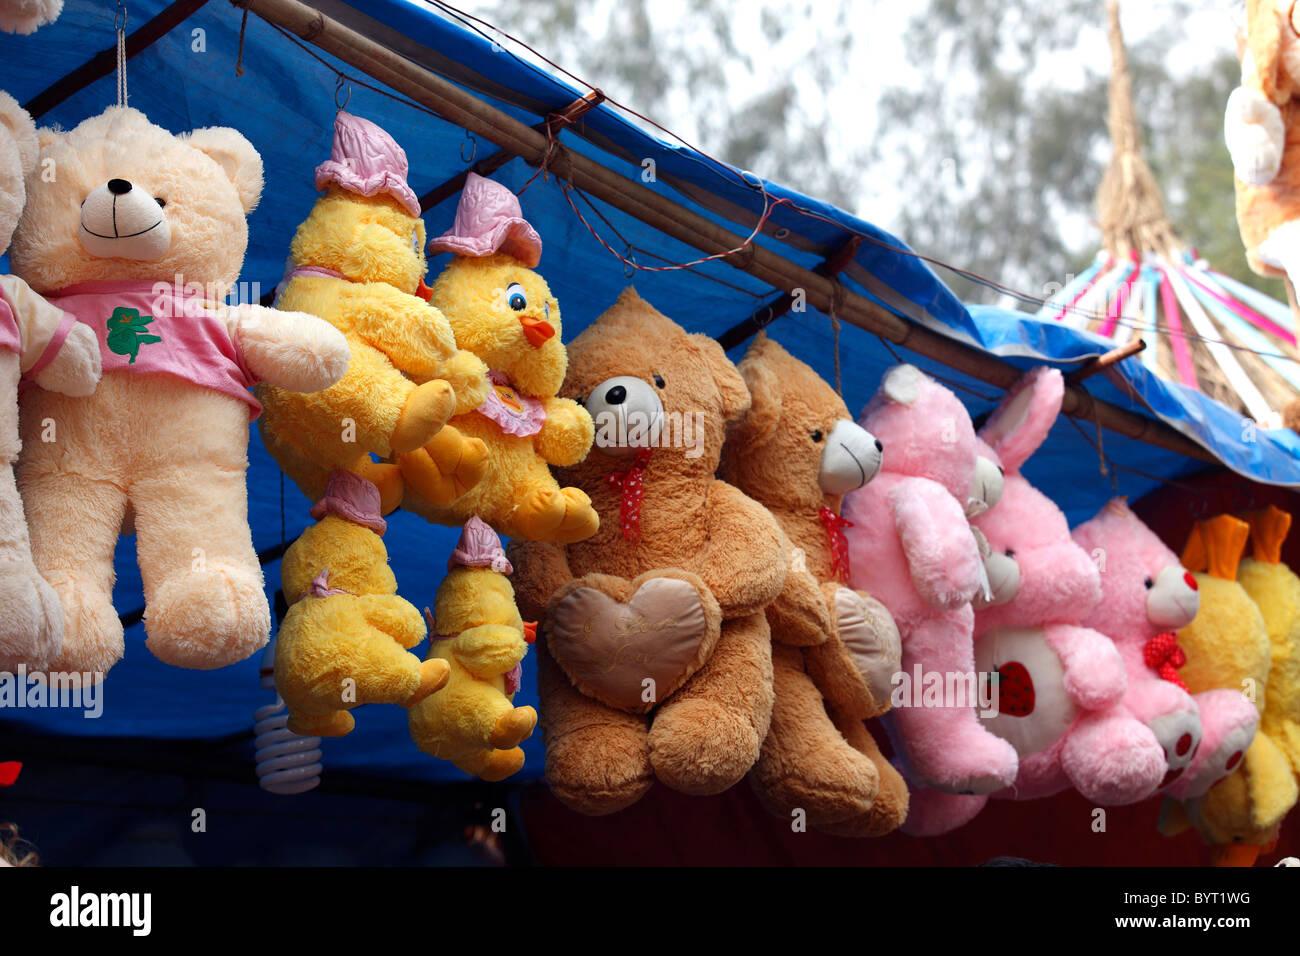 Farcite i peluche display Delhi India shop stallo fornitore di vendita business marketing Immagini Stock